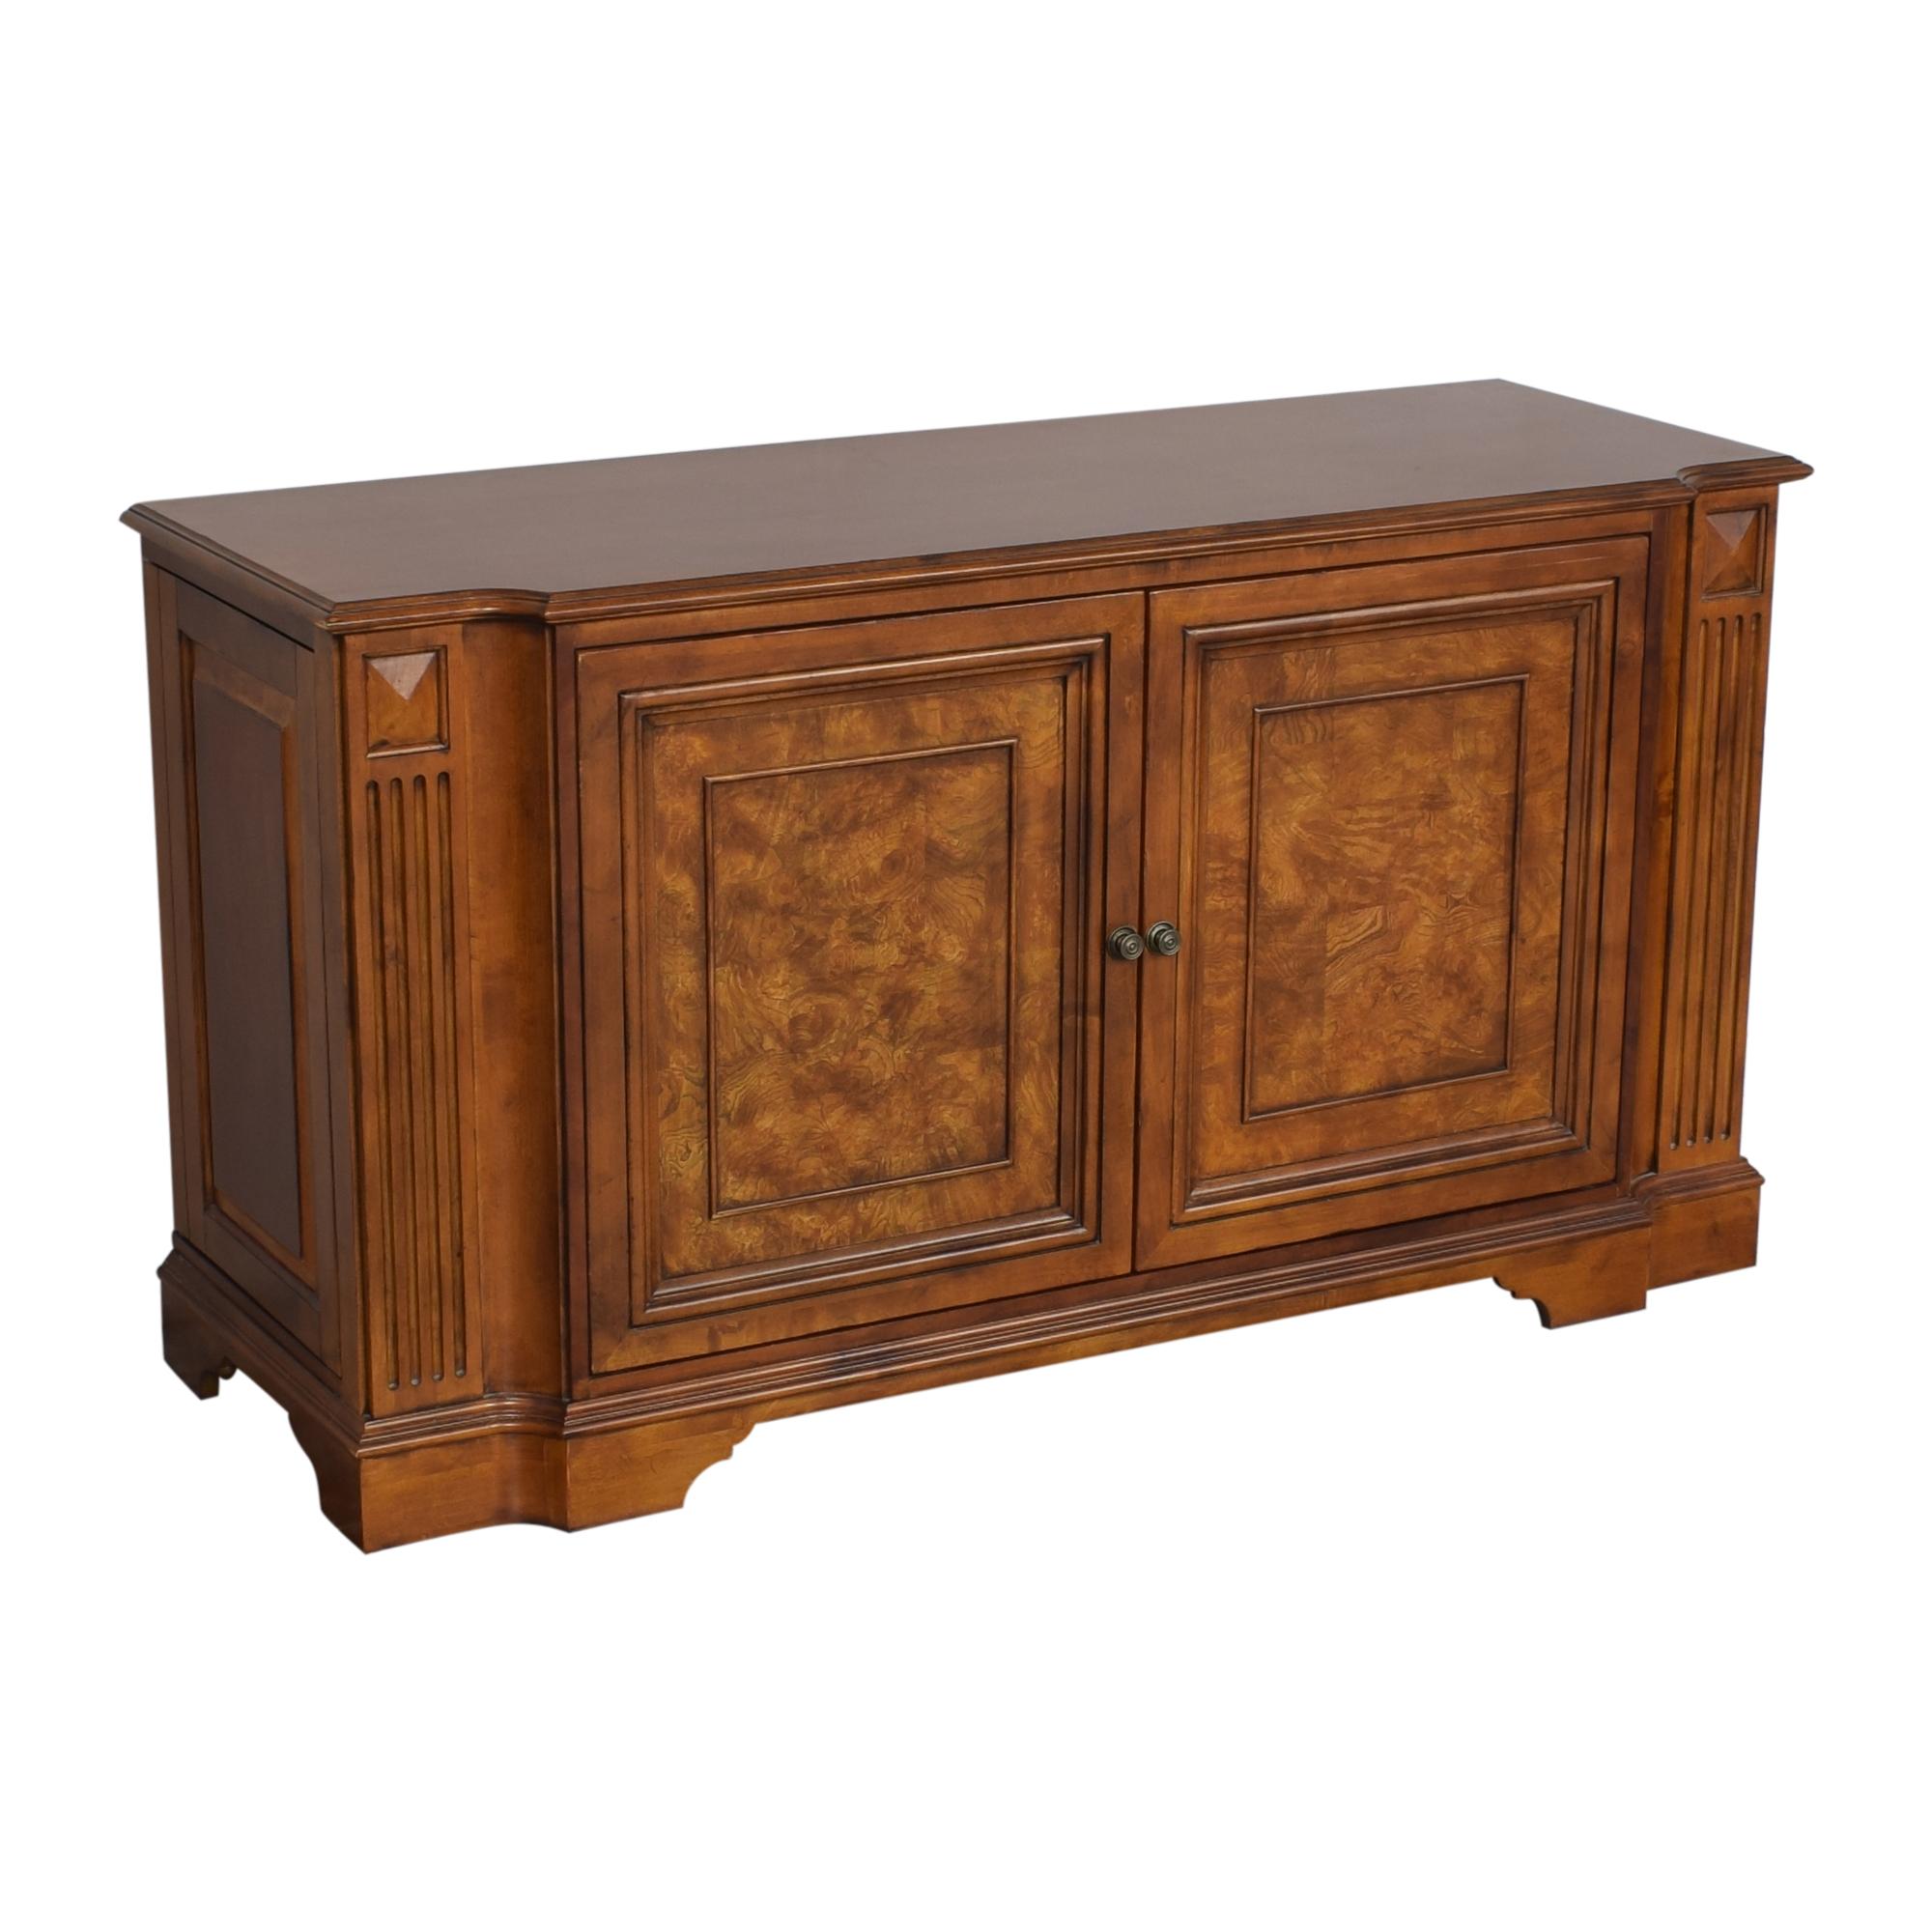 Ethan Allen Ethan Allen Two Door Cabinet dimensions